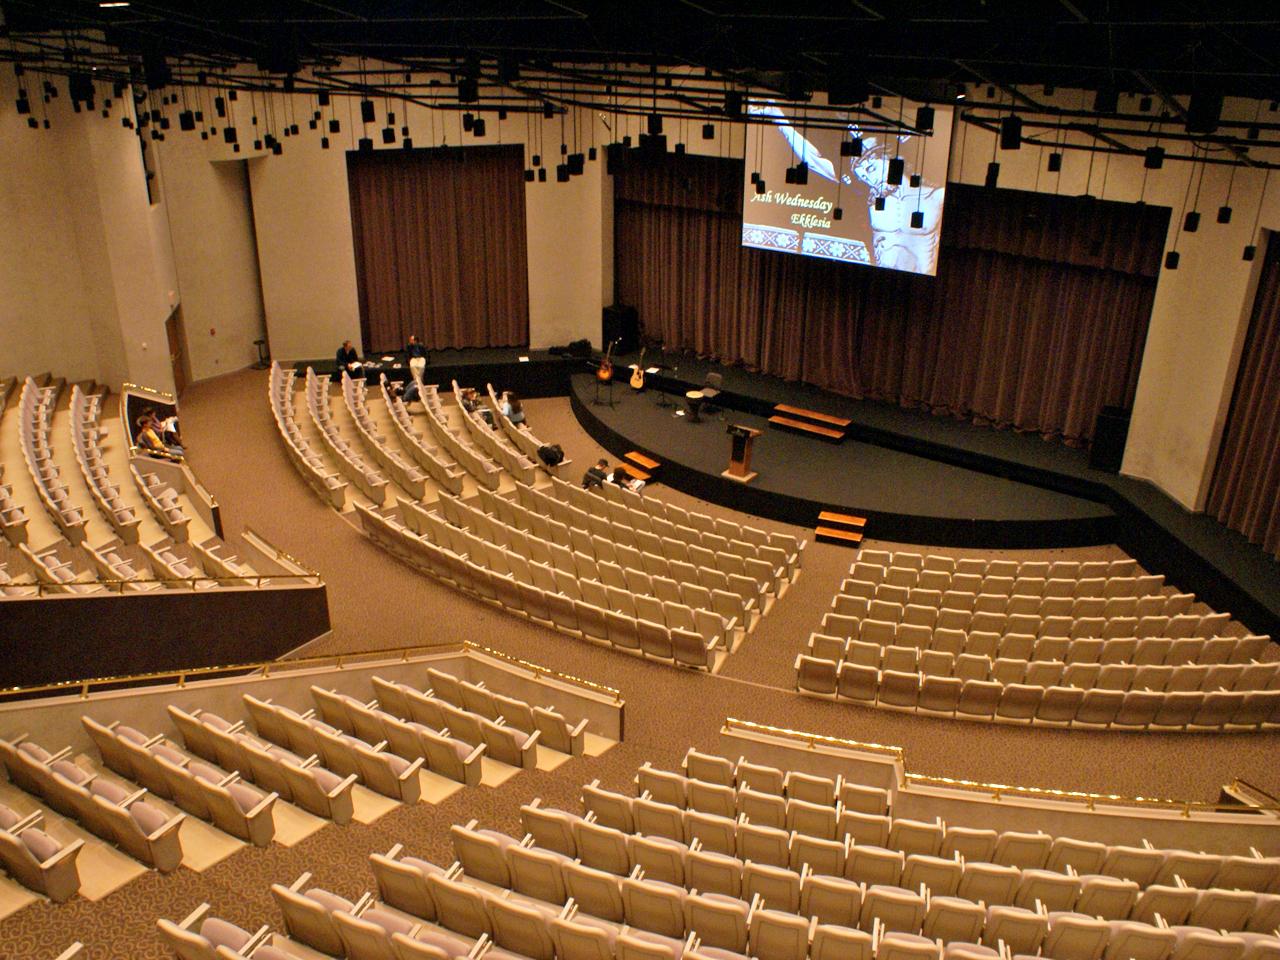 University Of Md Auditorium Building